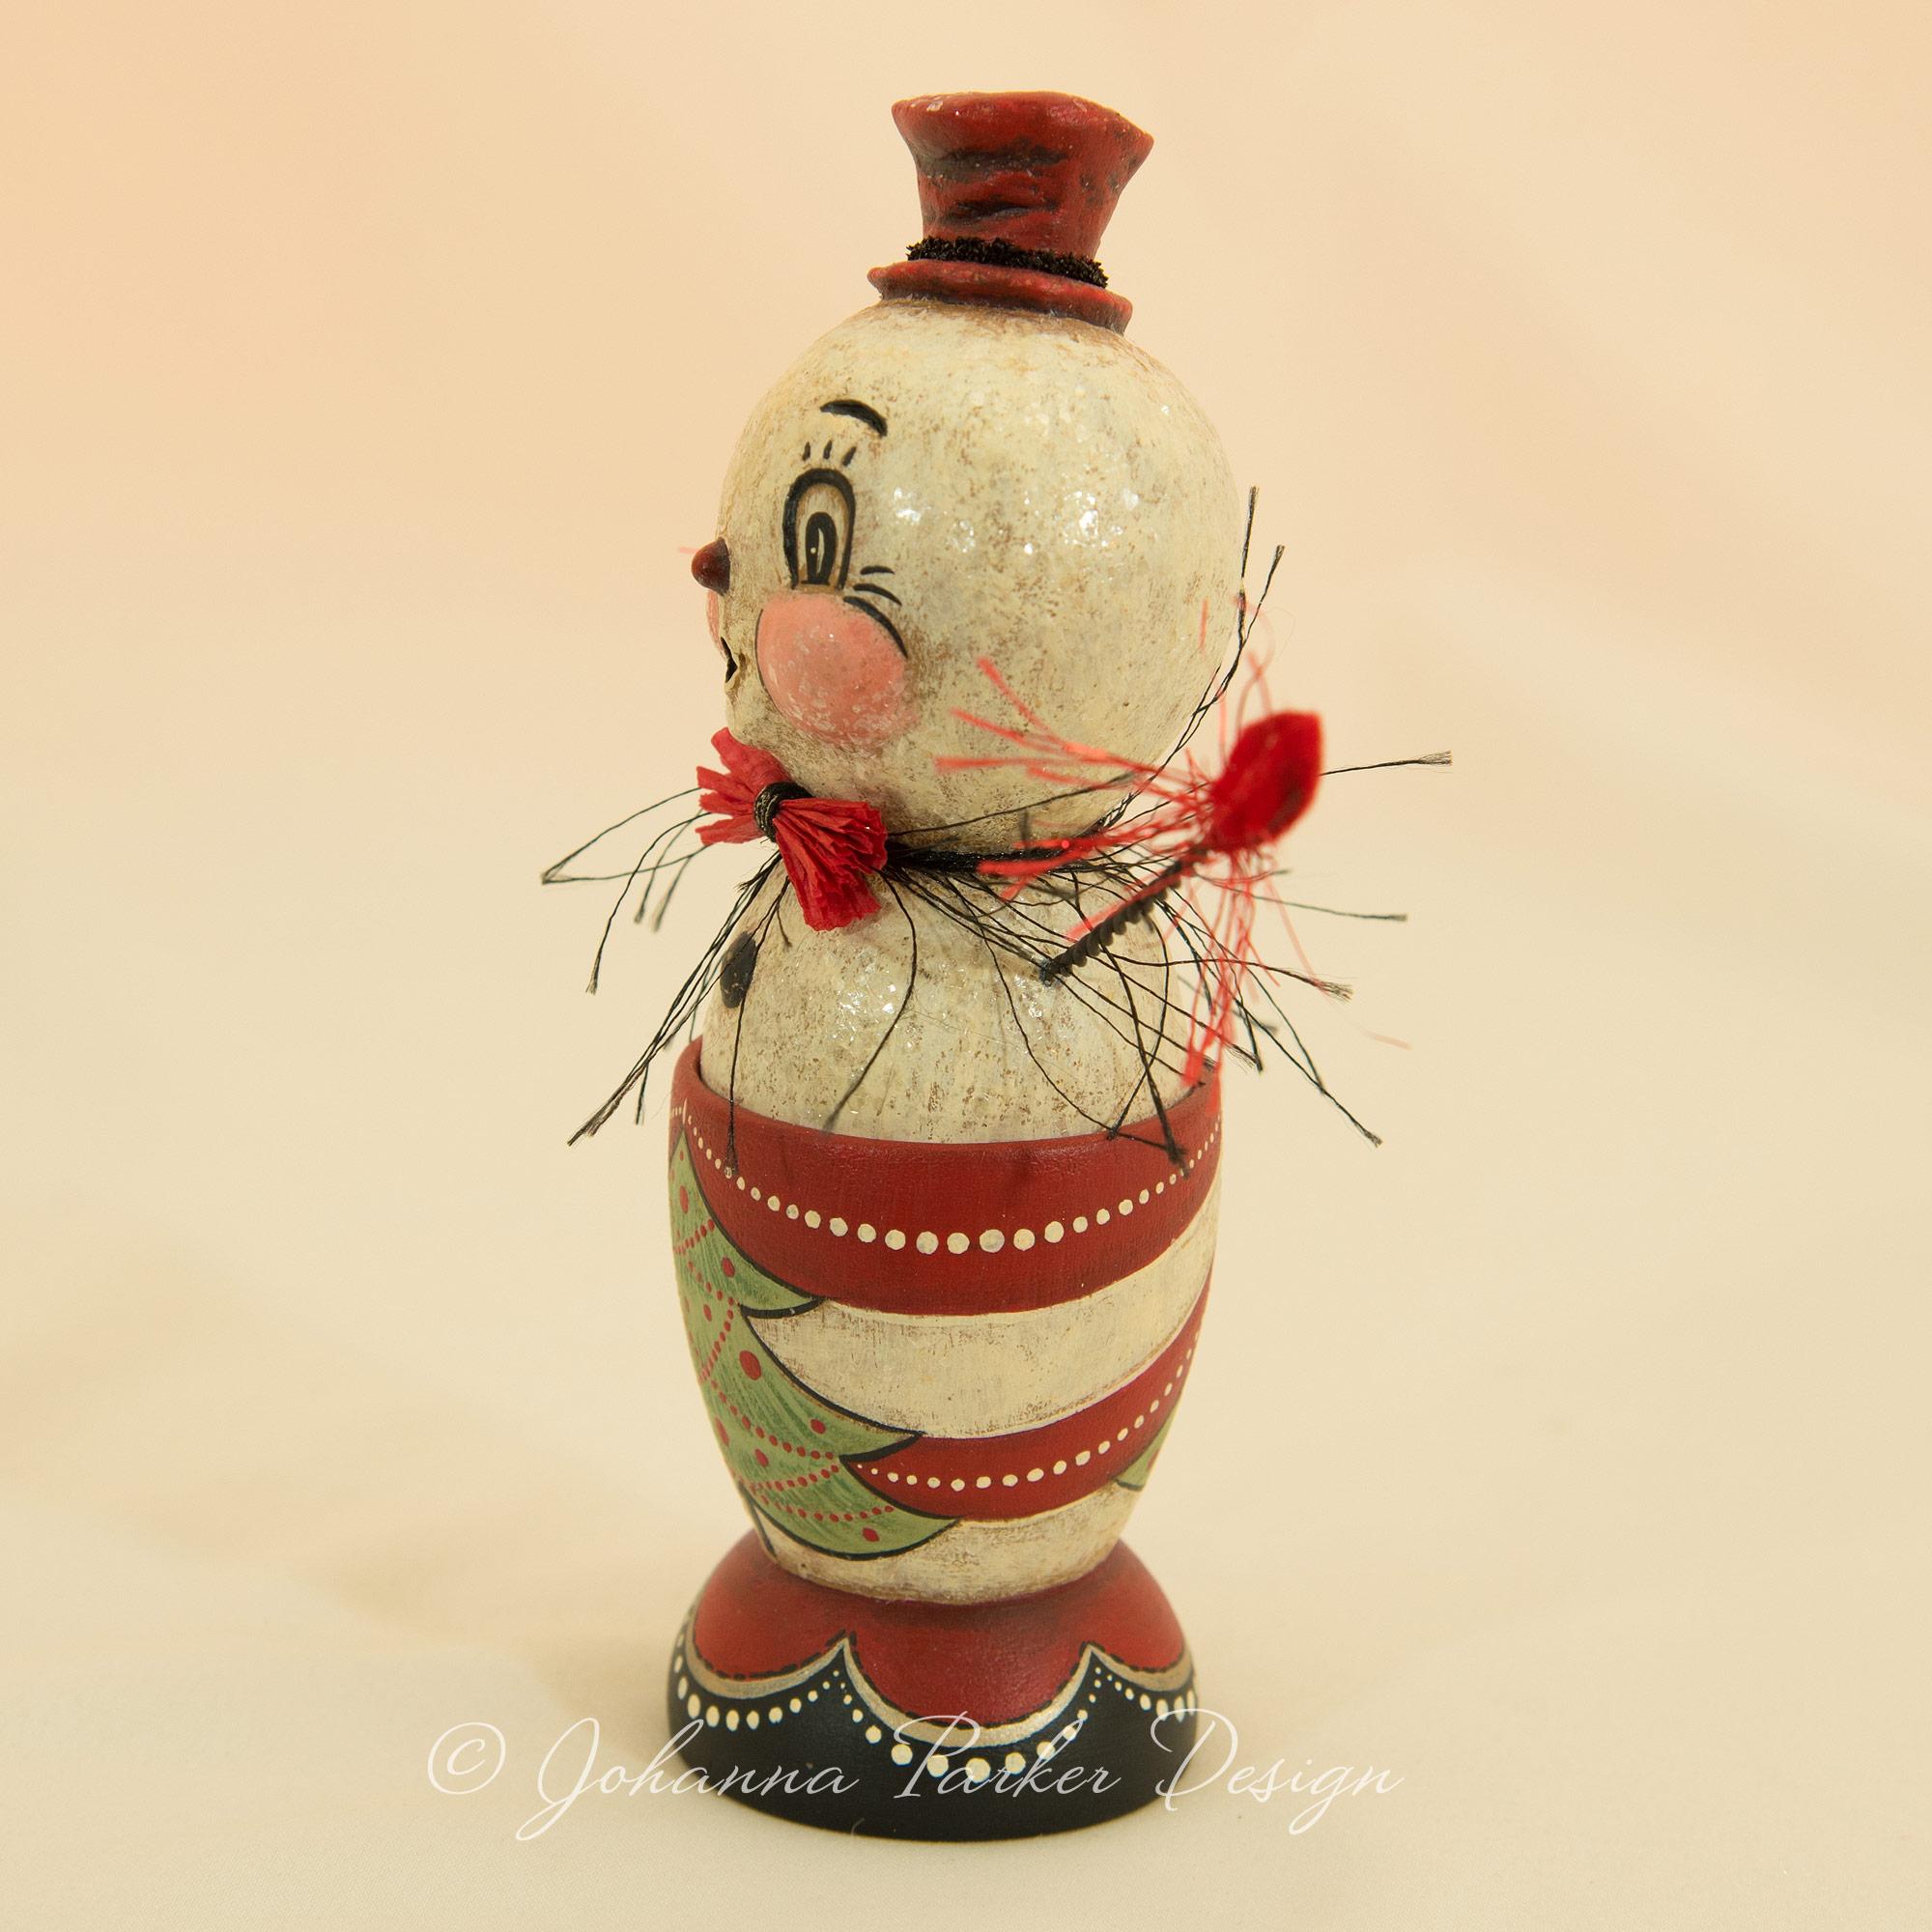 Johanna-Parker-Snowman-Egg-Cup-5.jpg